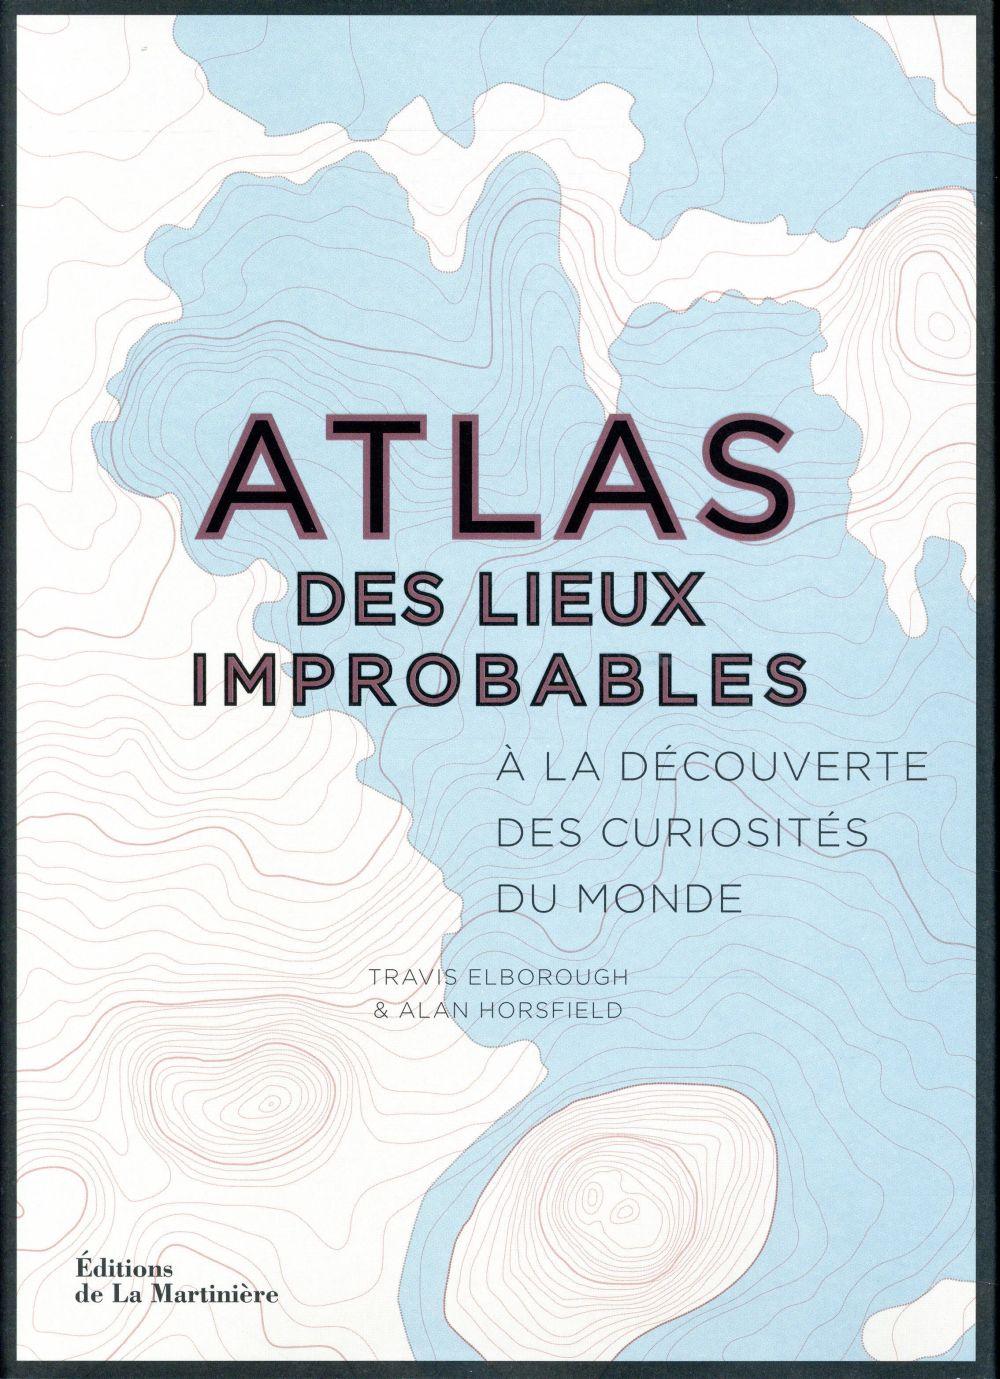 ATLAS DES LIEUX IMPROBABLES. A LA DECOUVERTE DES C